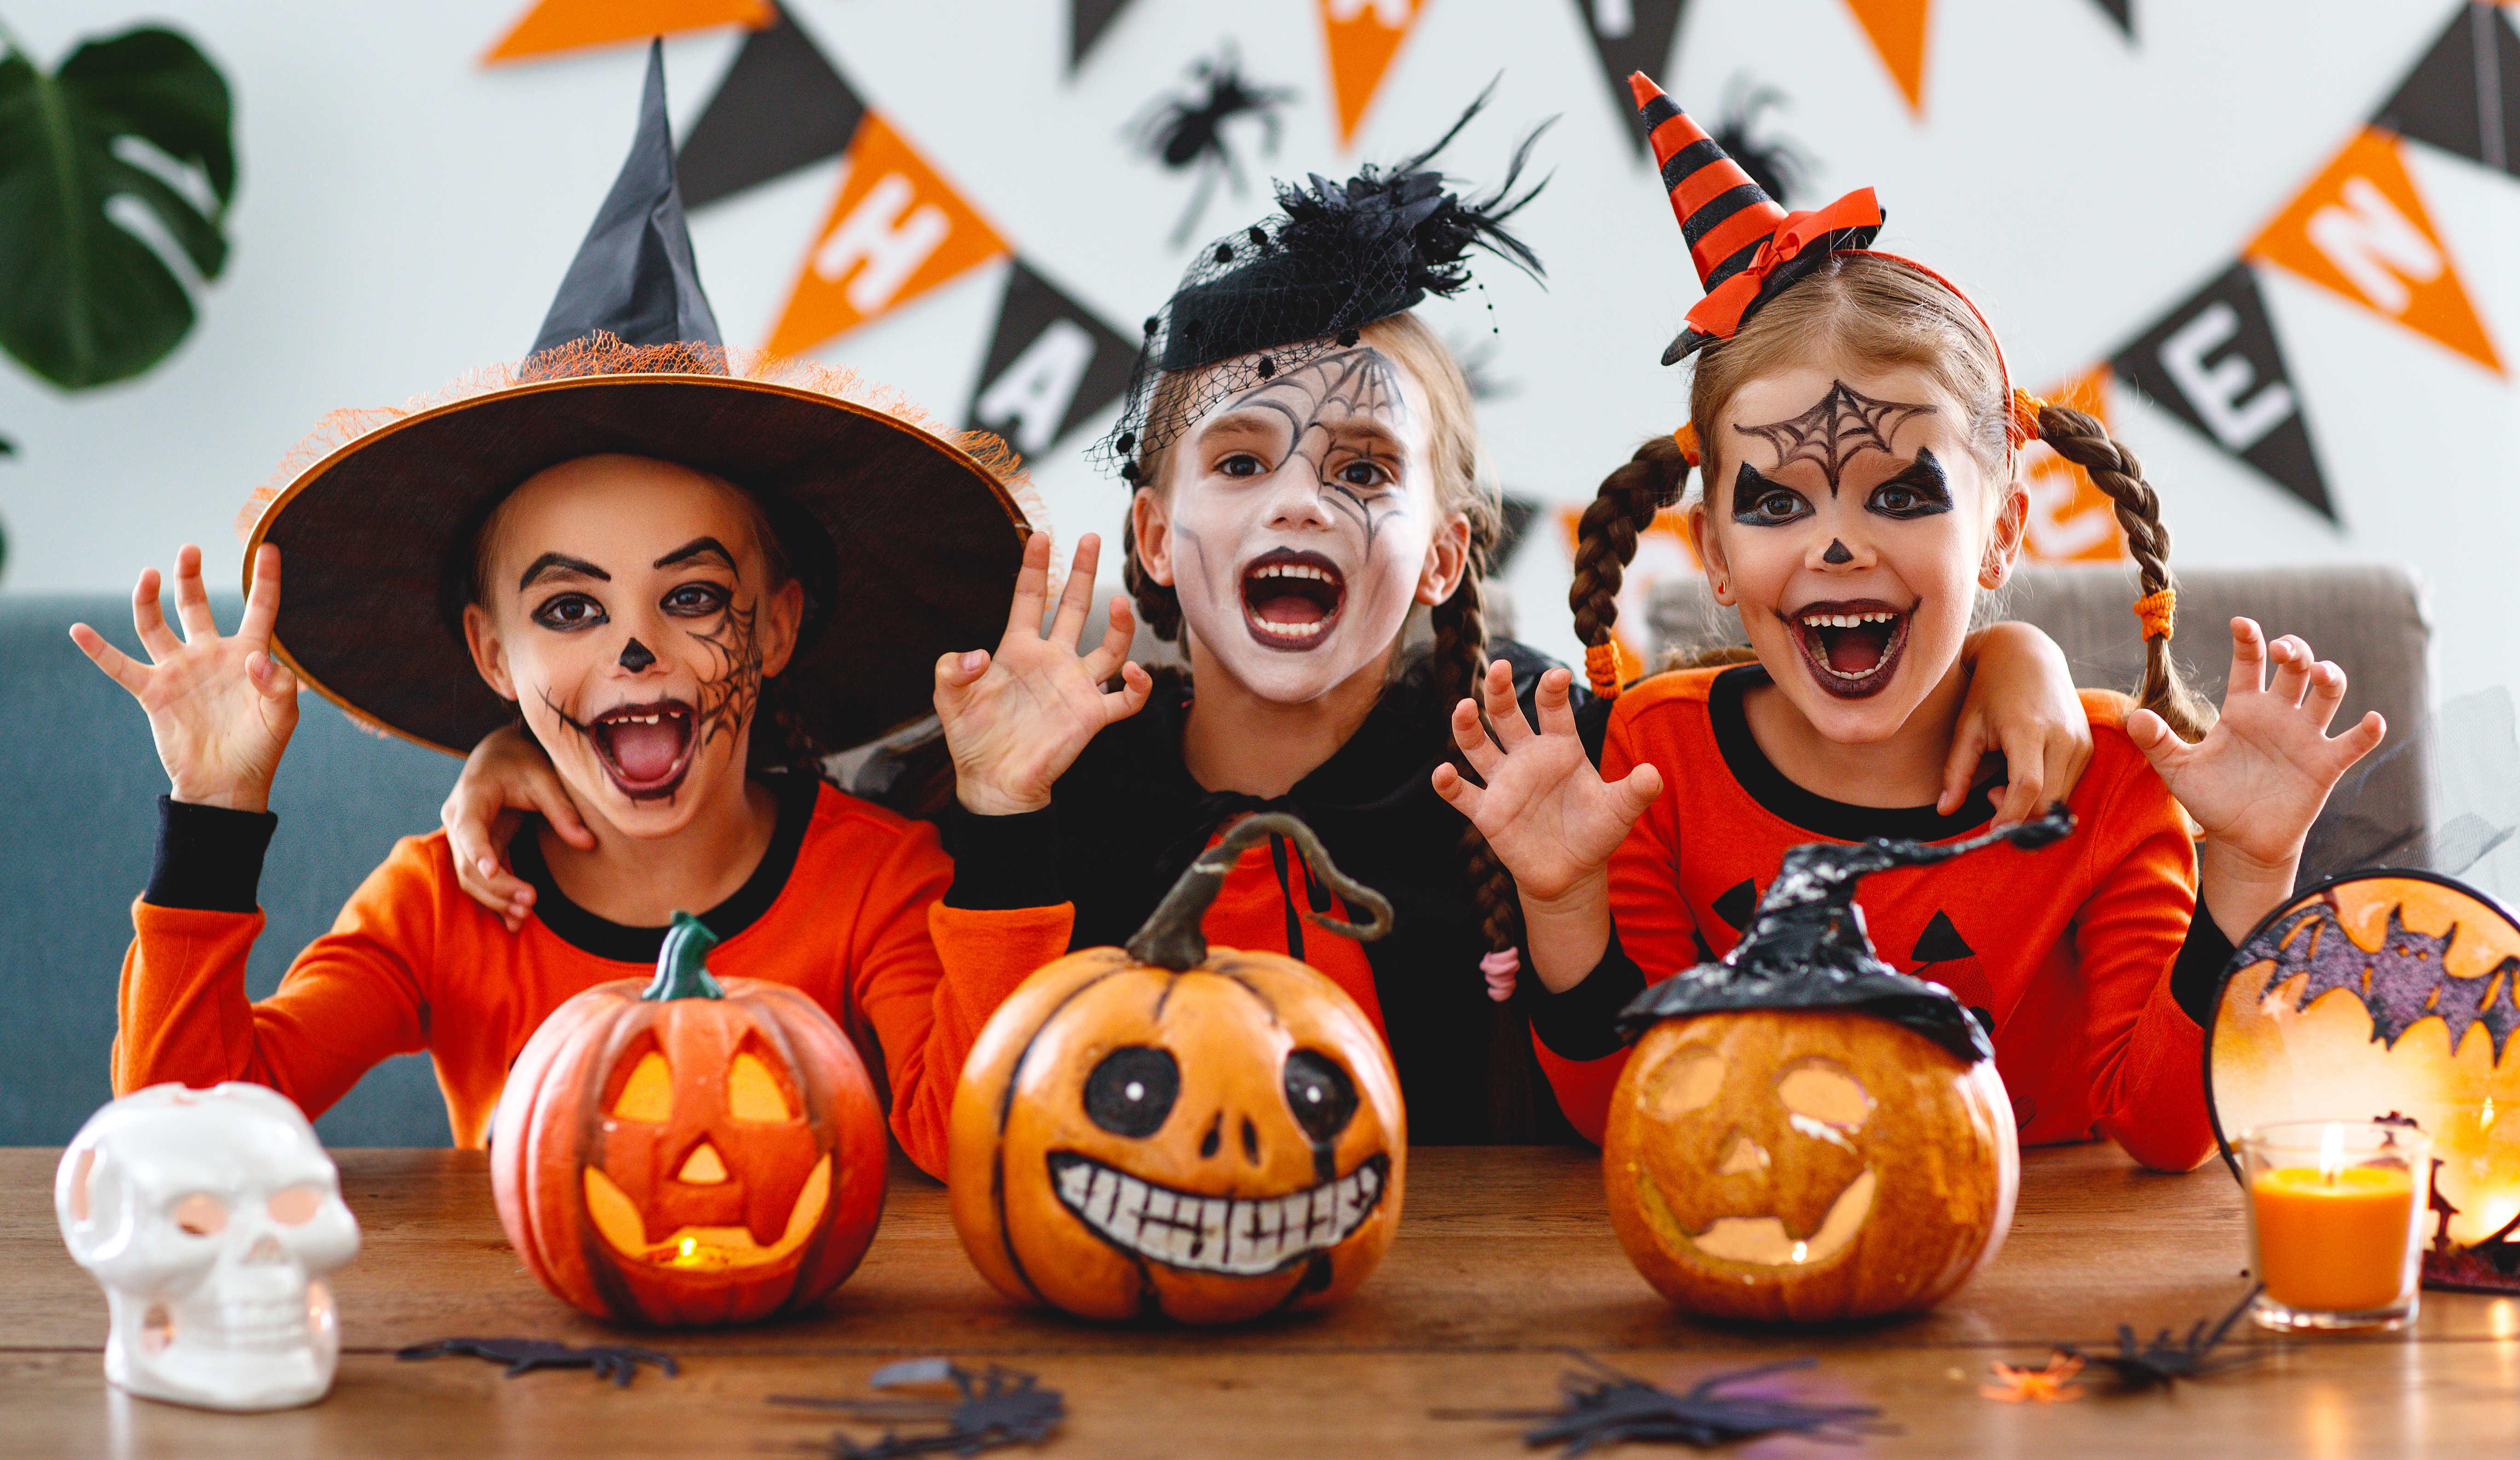 Conseils - Blog La Foir'Fouille - Réussir sa fête d'Halloween